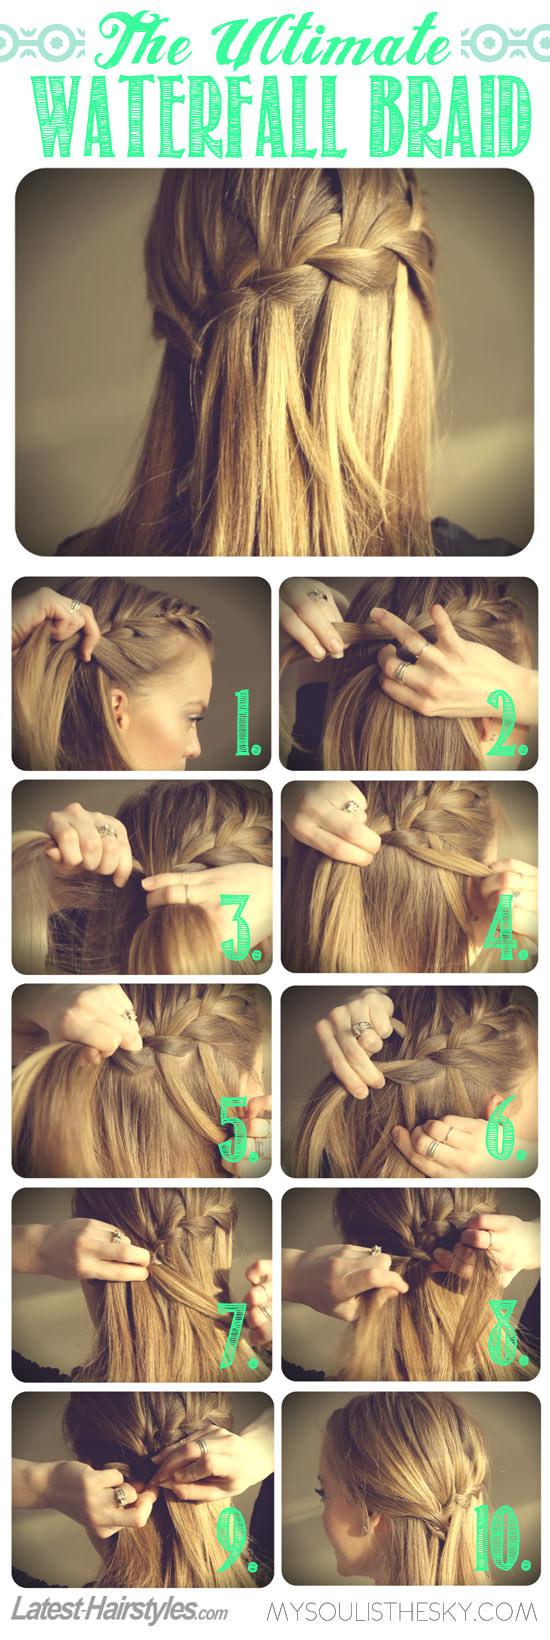 WaterfallBraid 8 coiffures de mariage bricolage pour les cheveux longs pour impressionner